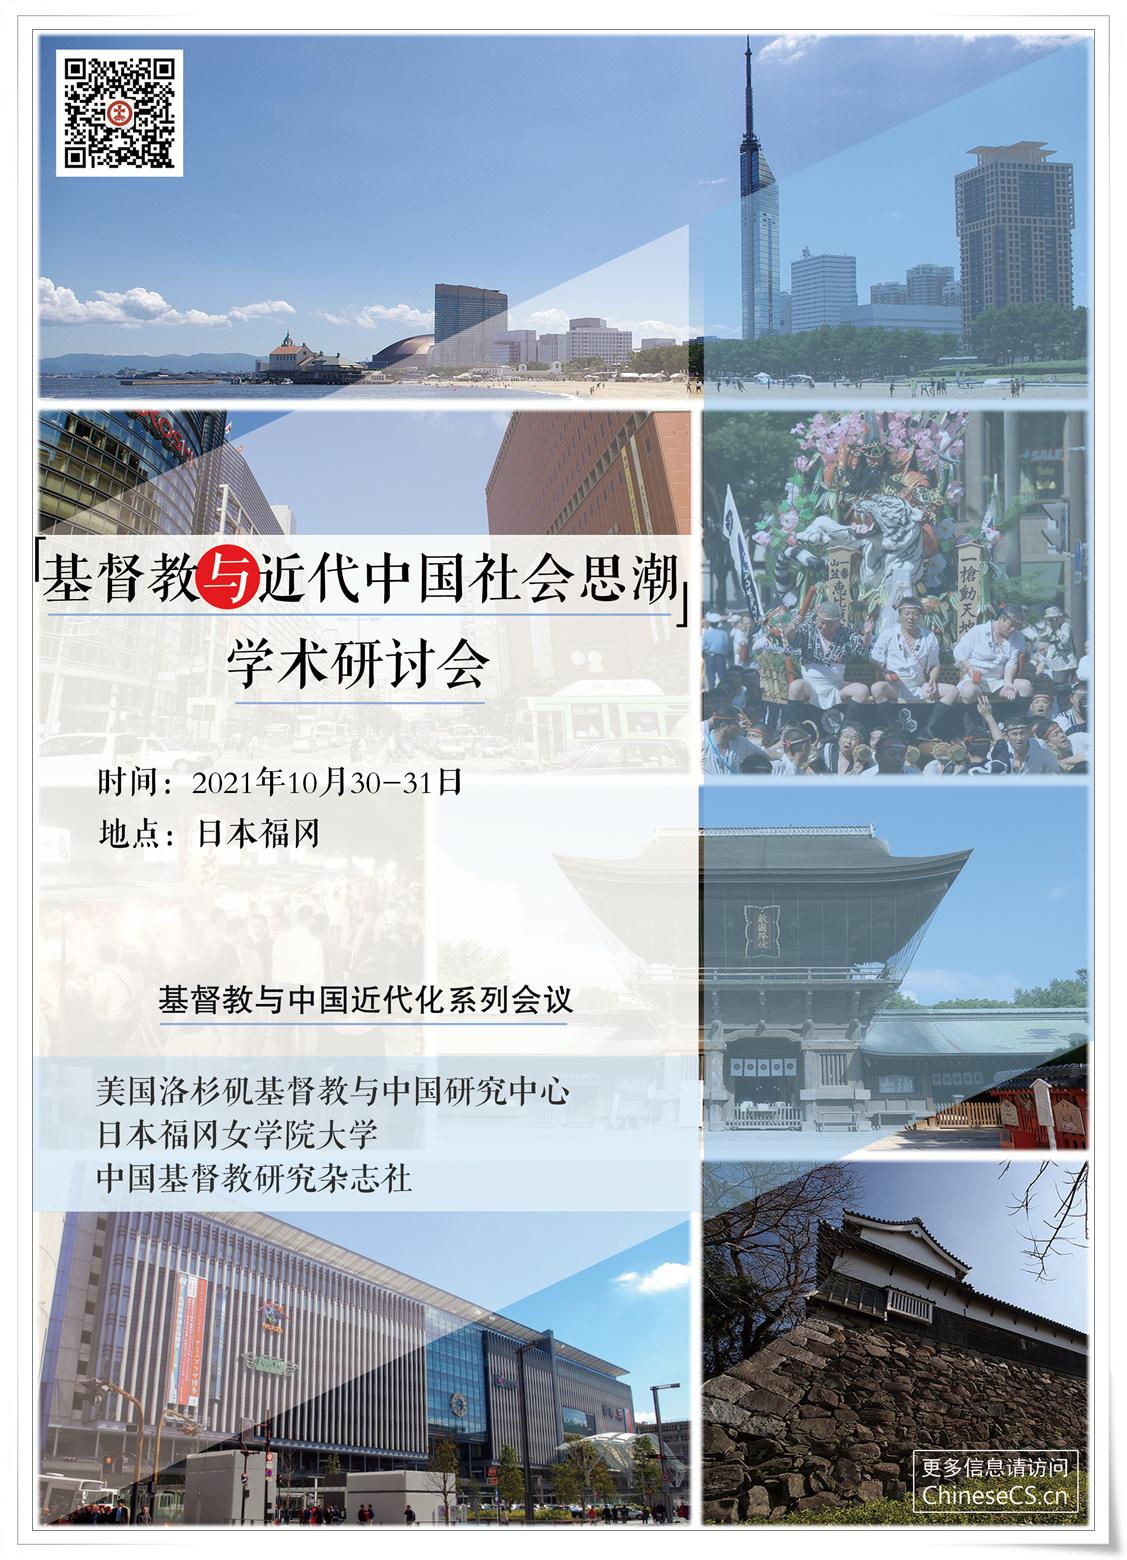 再次延期通知:基督教与近代中国社会思潮延期